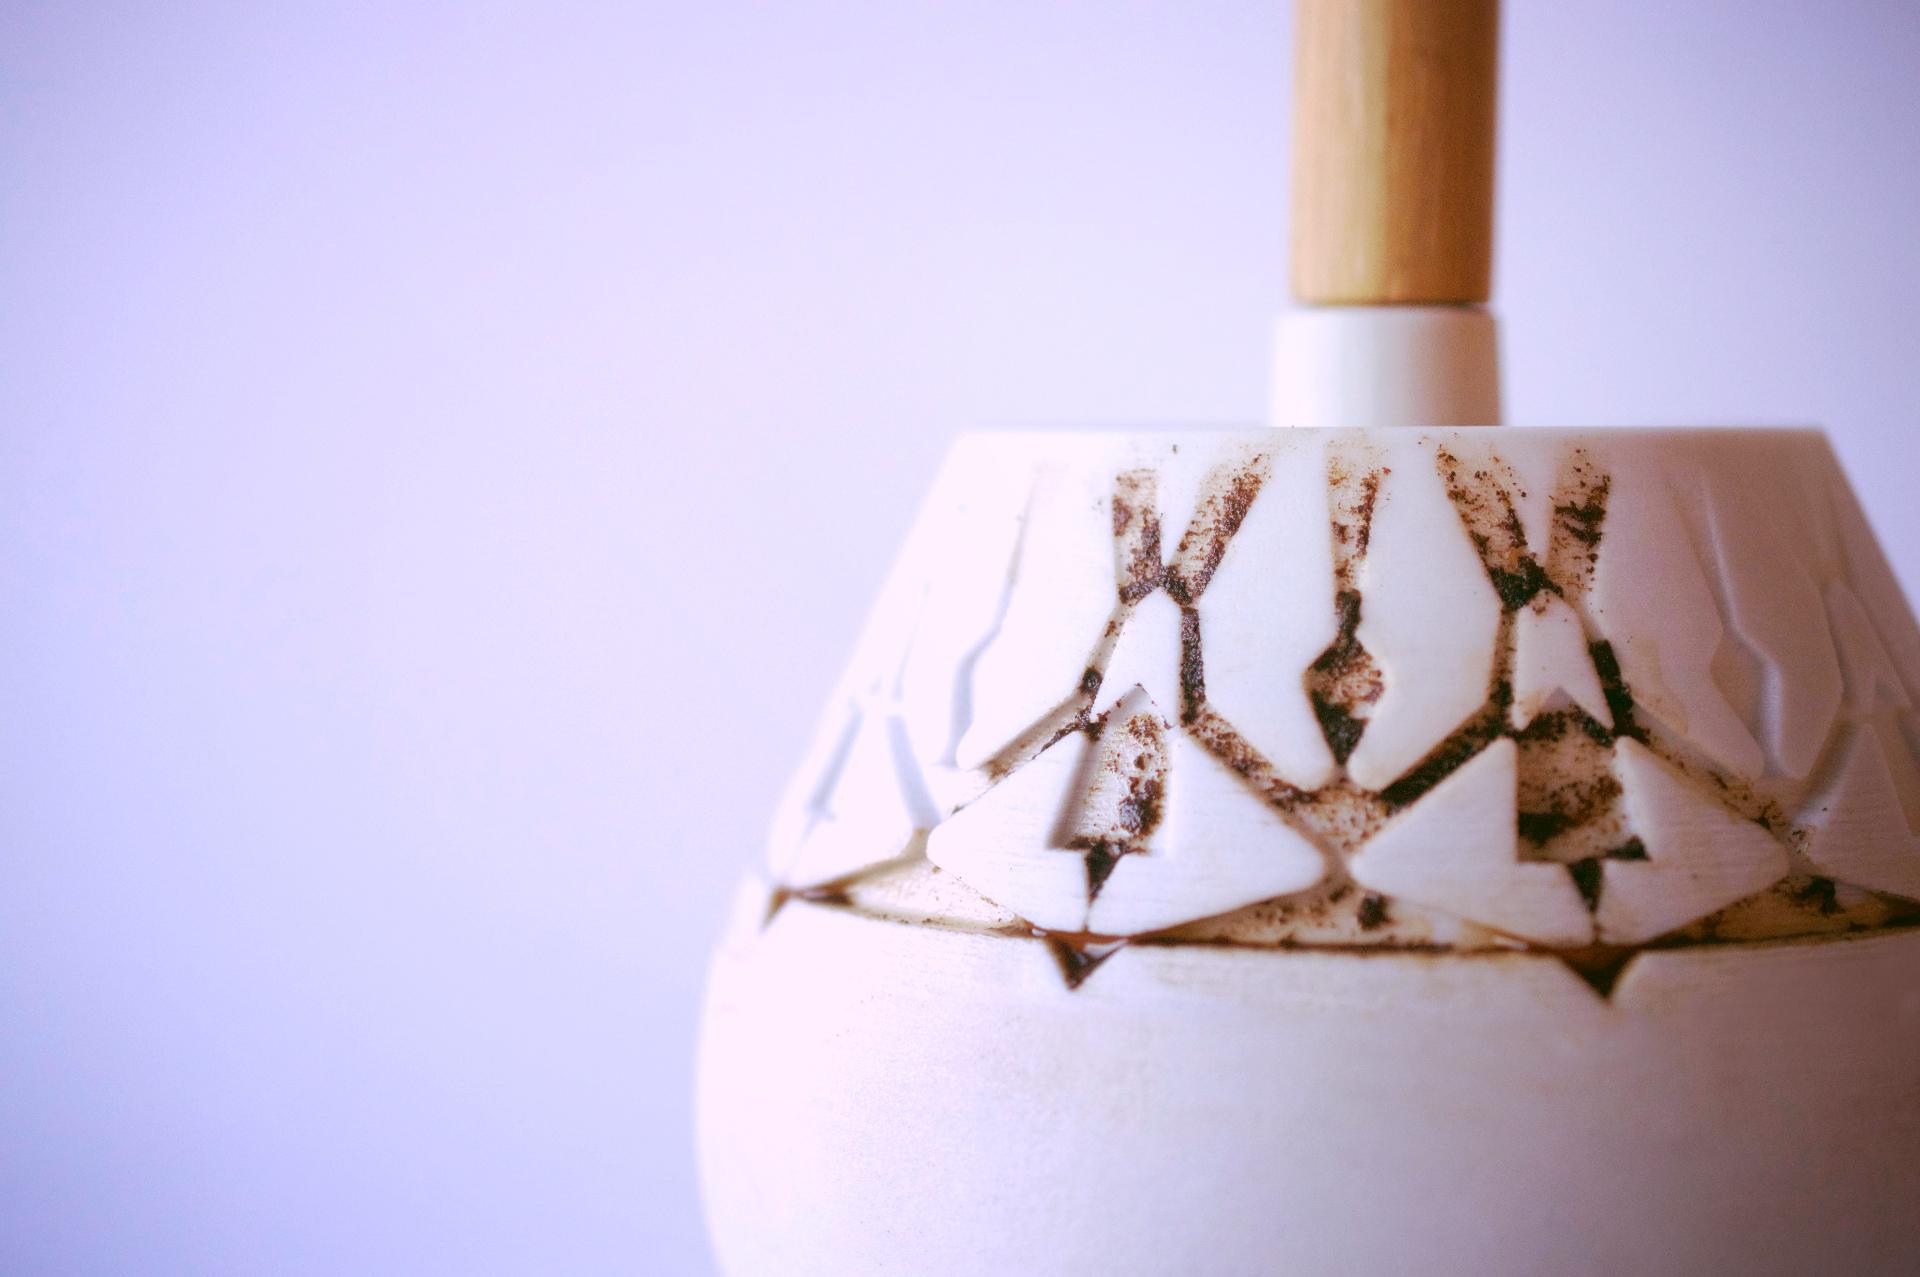 4 עלמה שחם- ערכת קפה- עיצוב תעשייתי בצלאל_edited.jpg